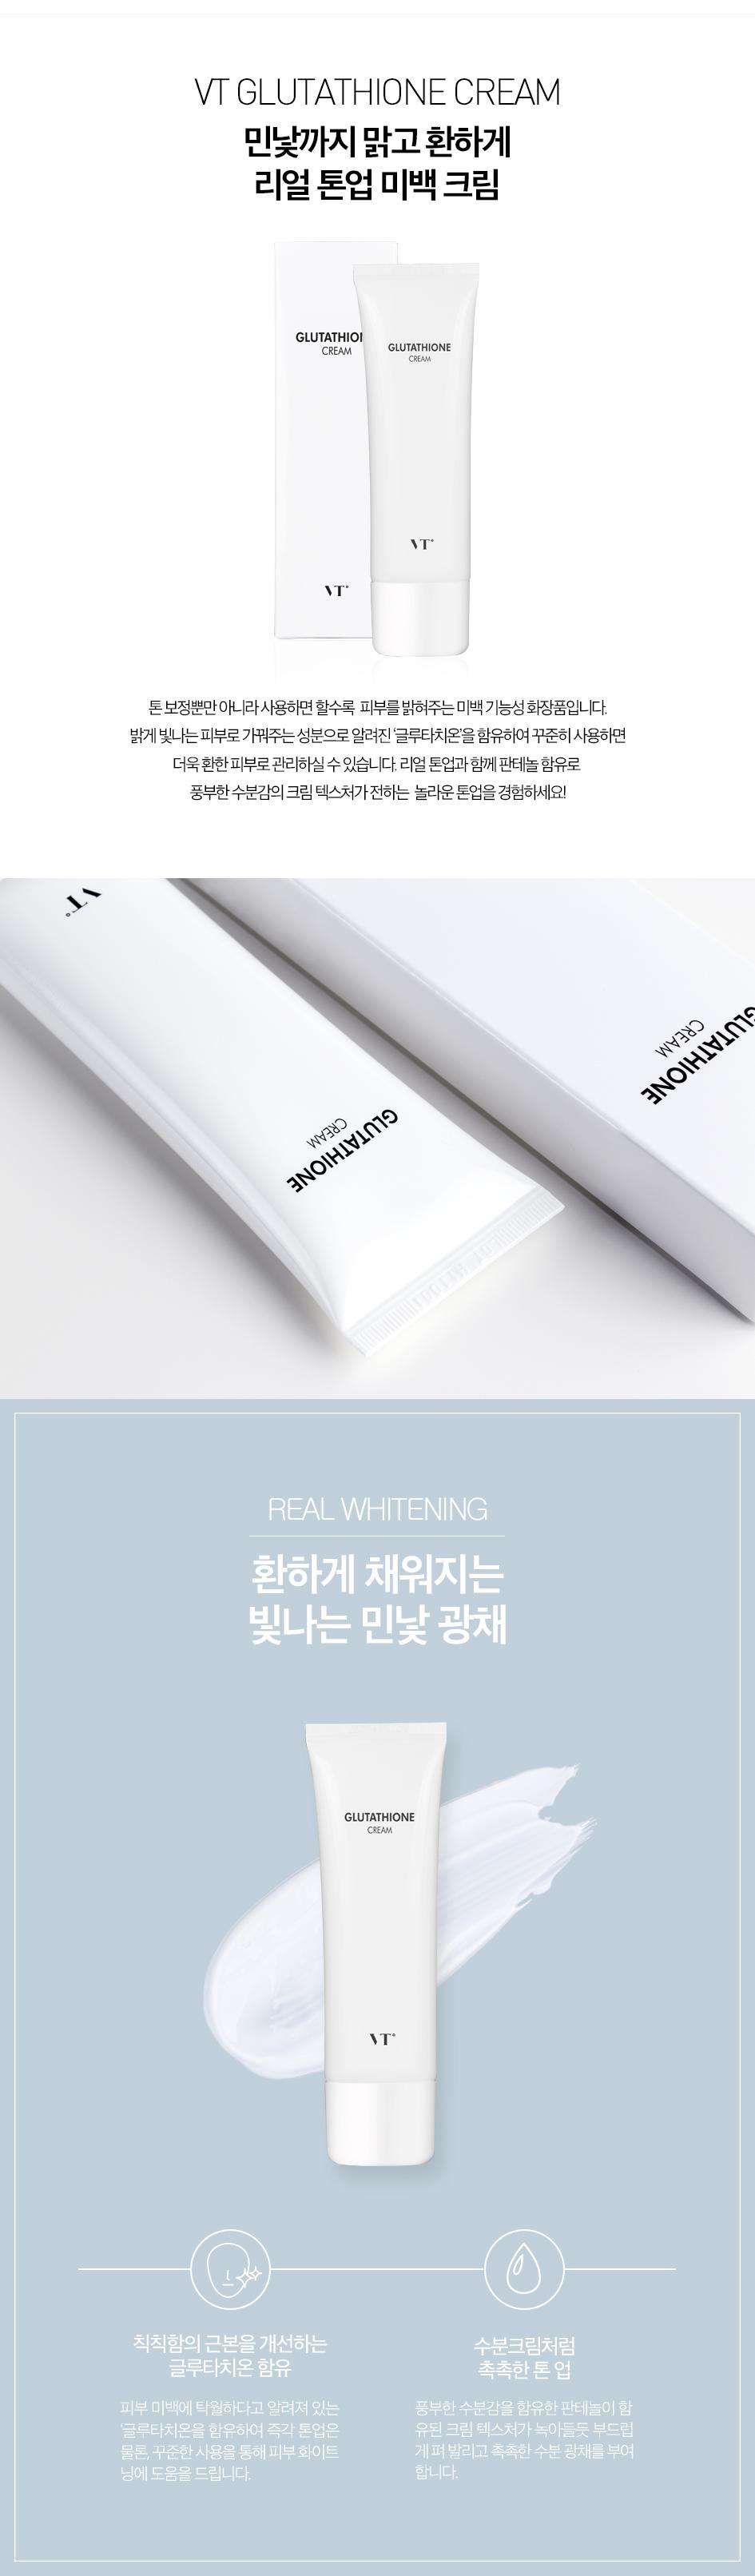 VT-Glutathione-Cream